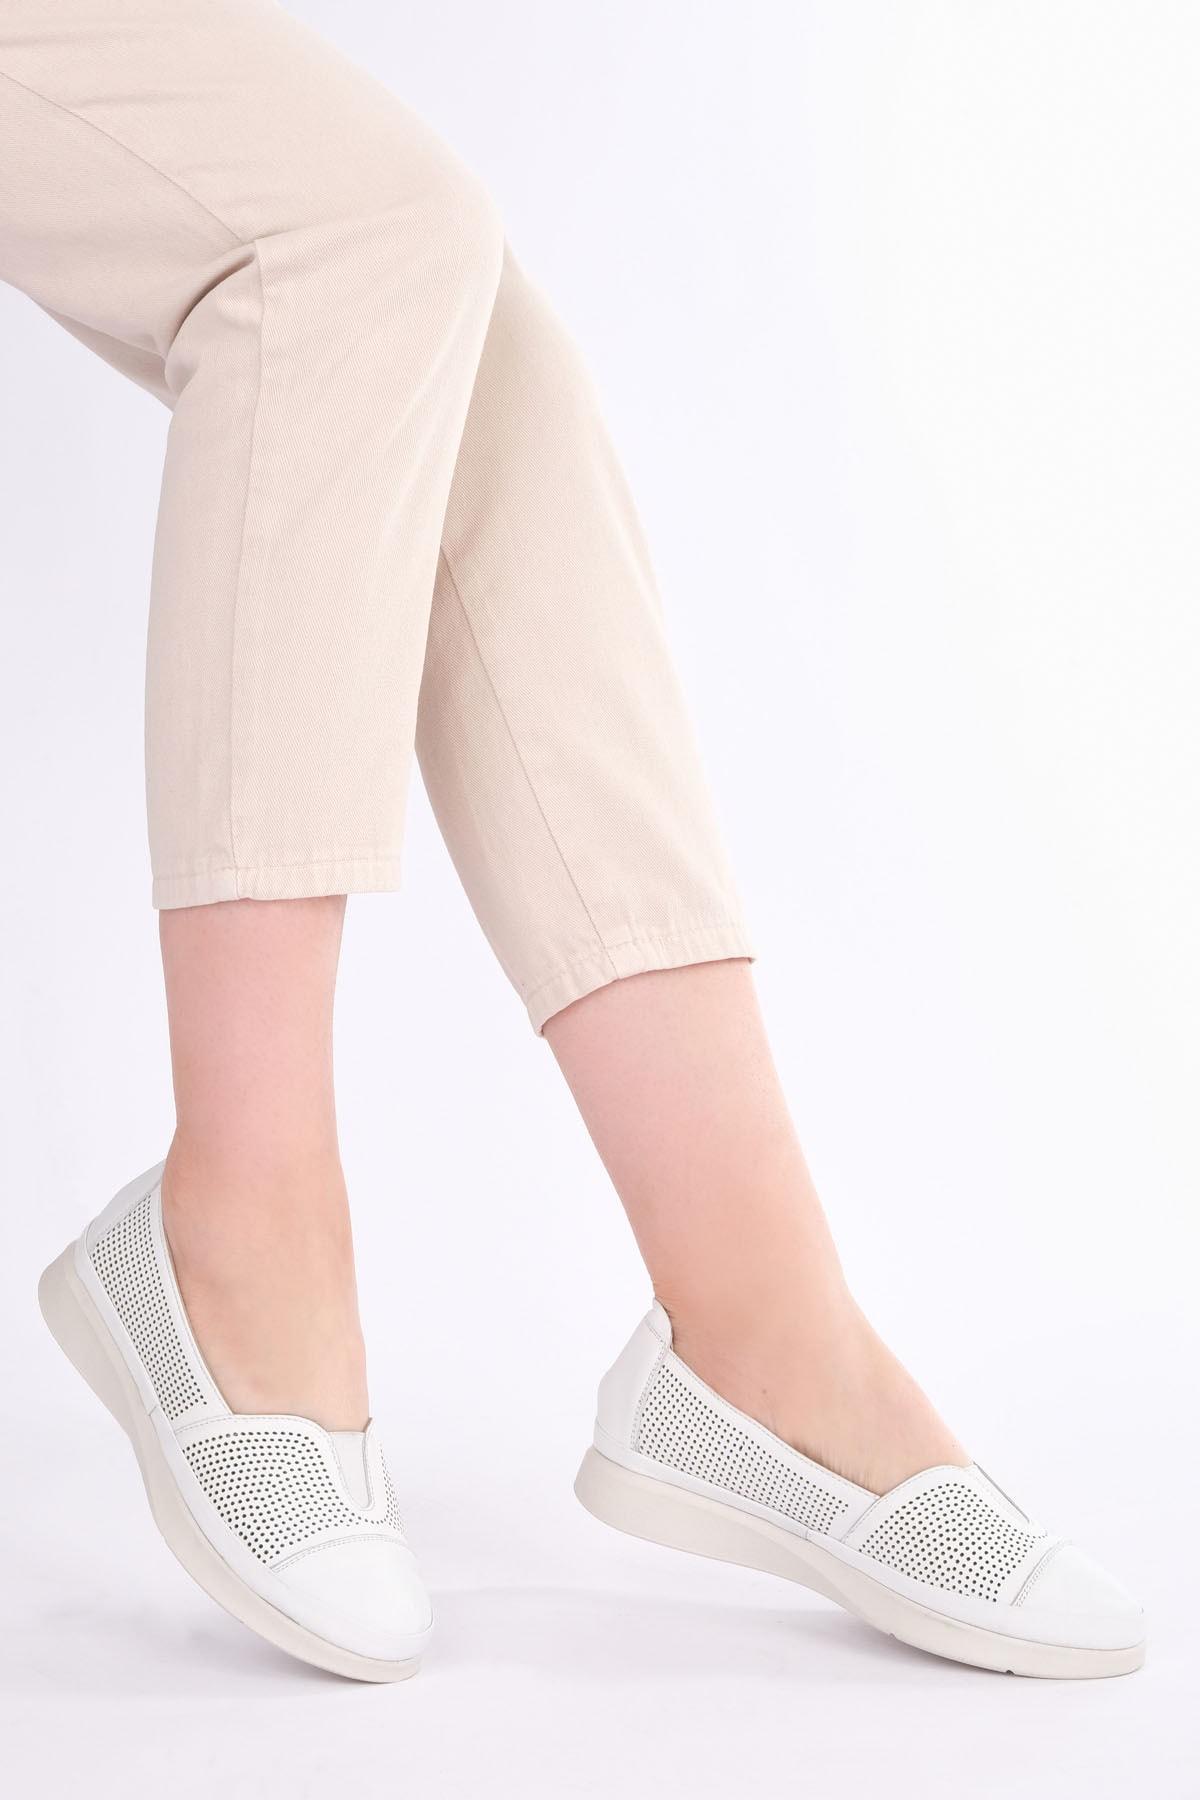 Marjin Kadın Beyaz Hakiki Deri Comfort Ayakkabı Vona